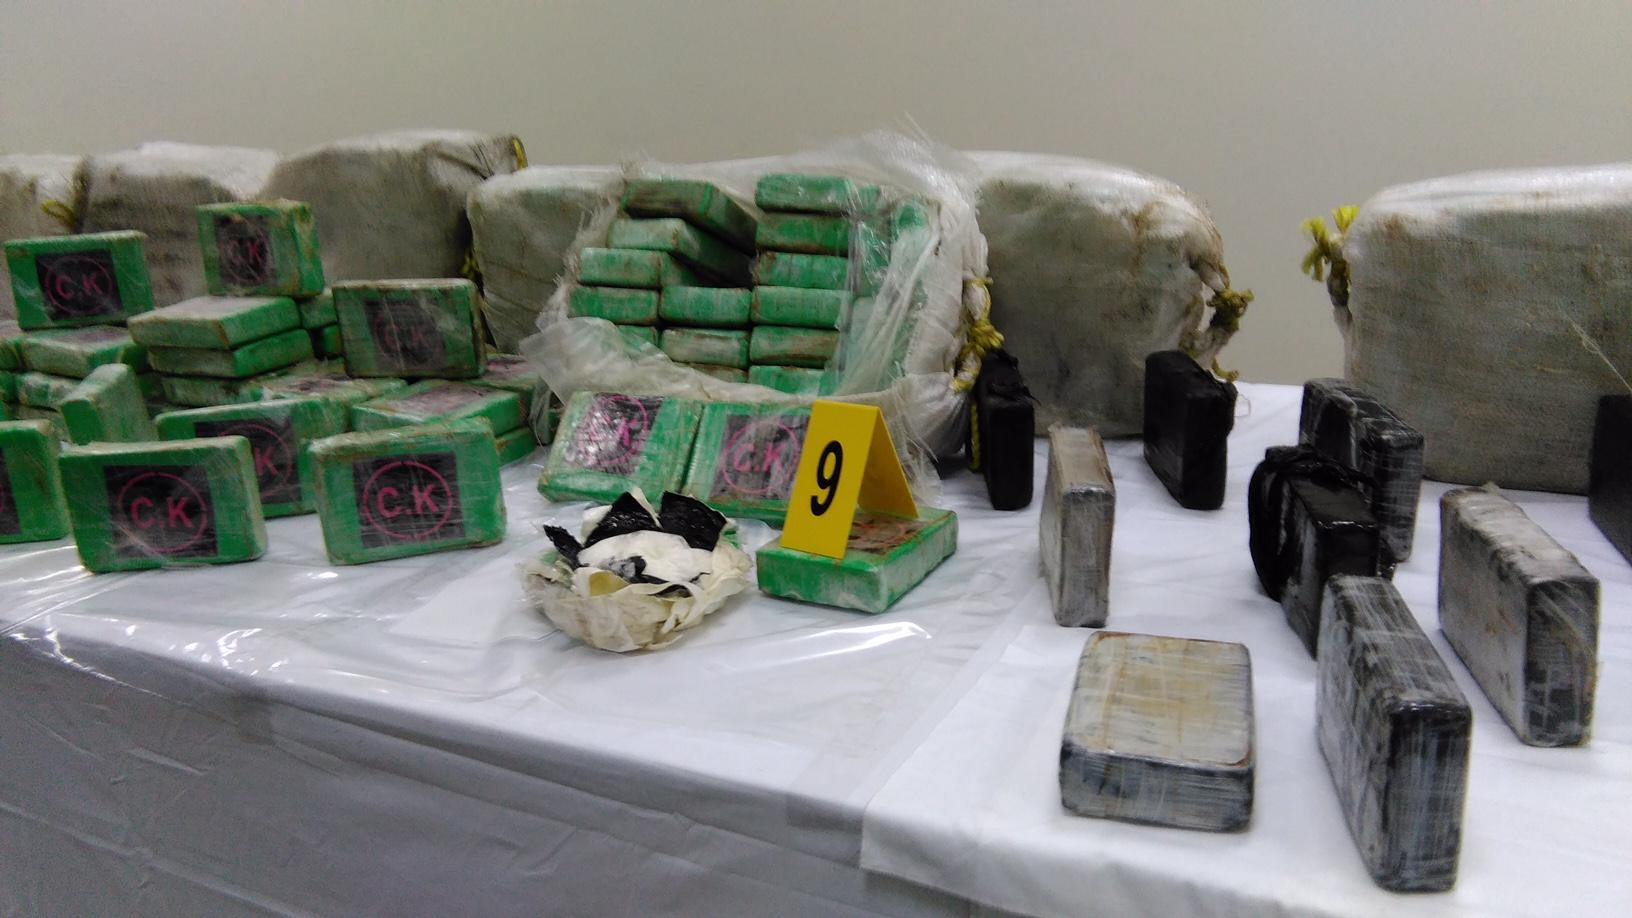 البسيج : شحنة الكوكايين قاربت الطنين وقيمتها 200 مليار سنتيم